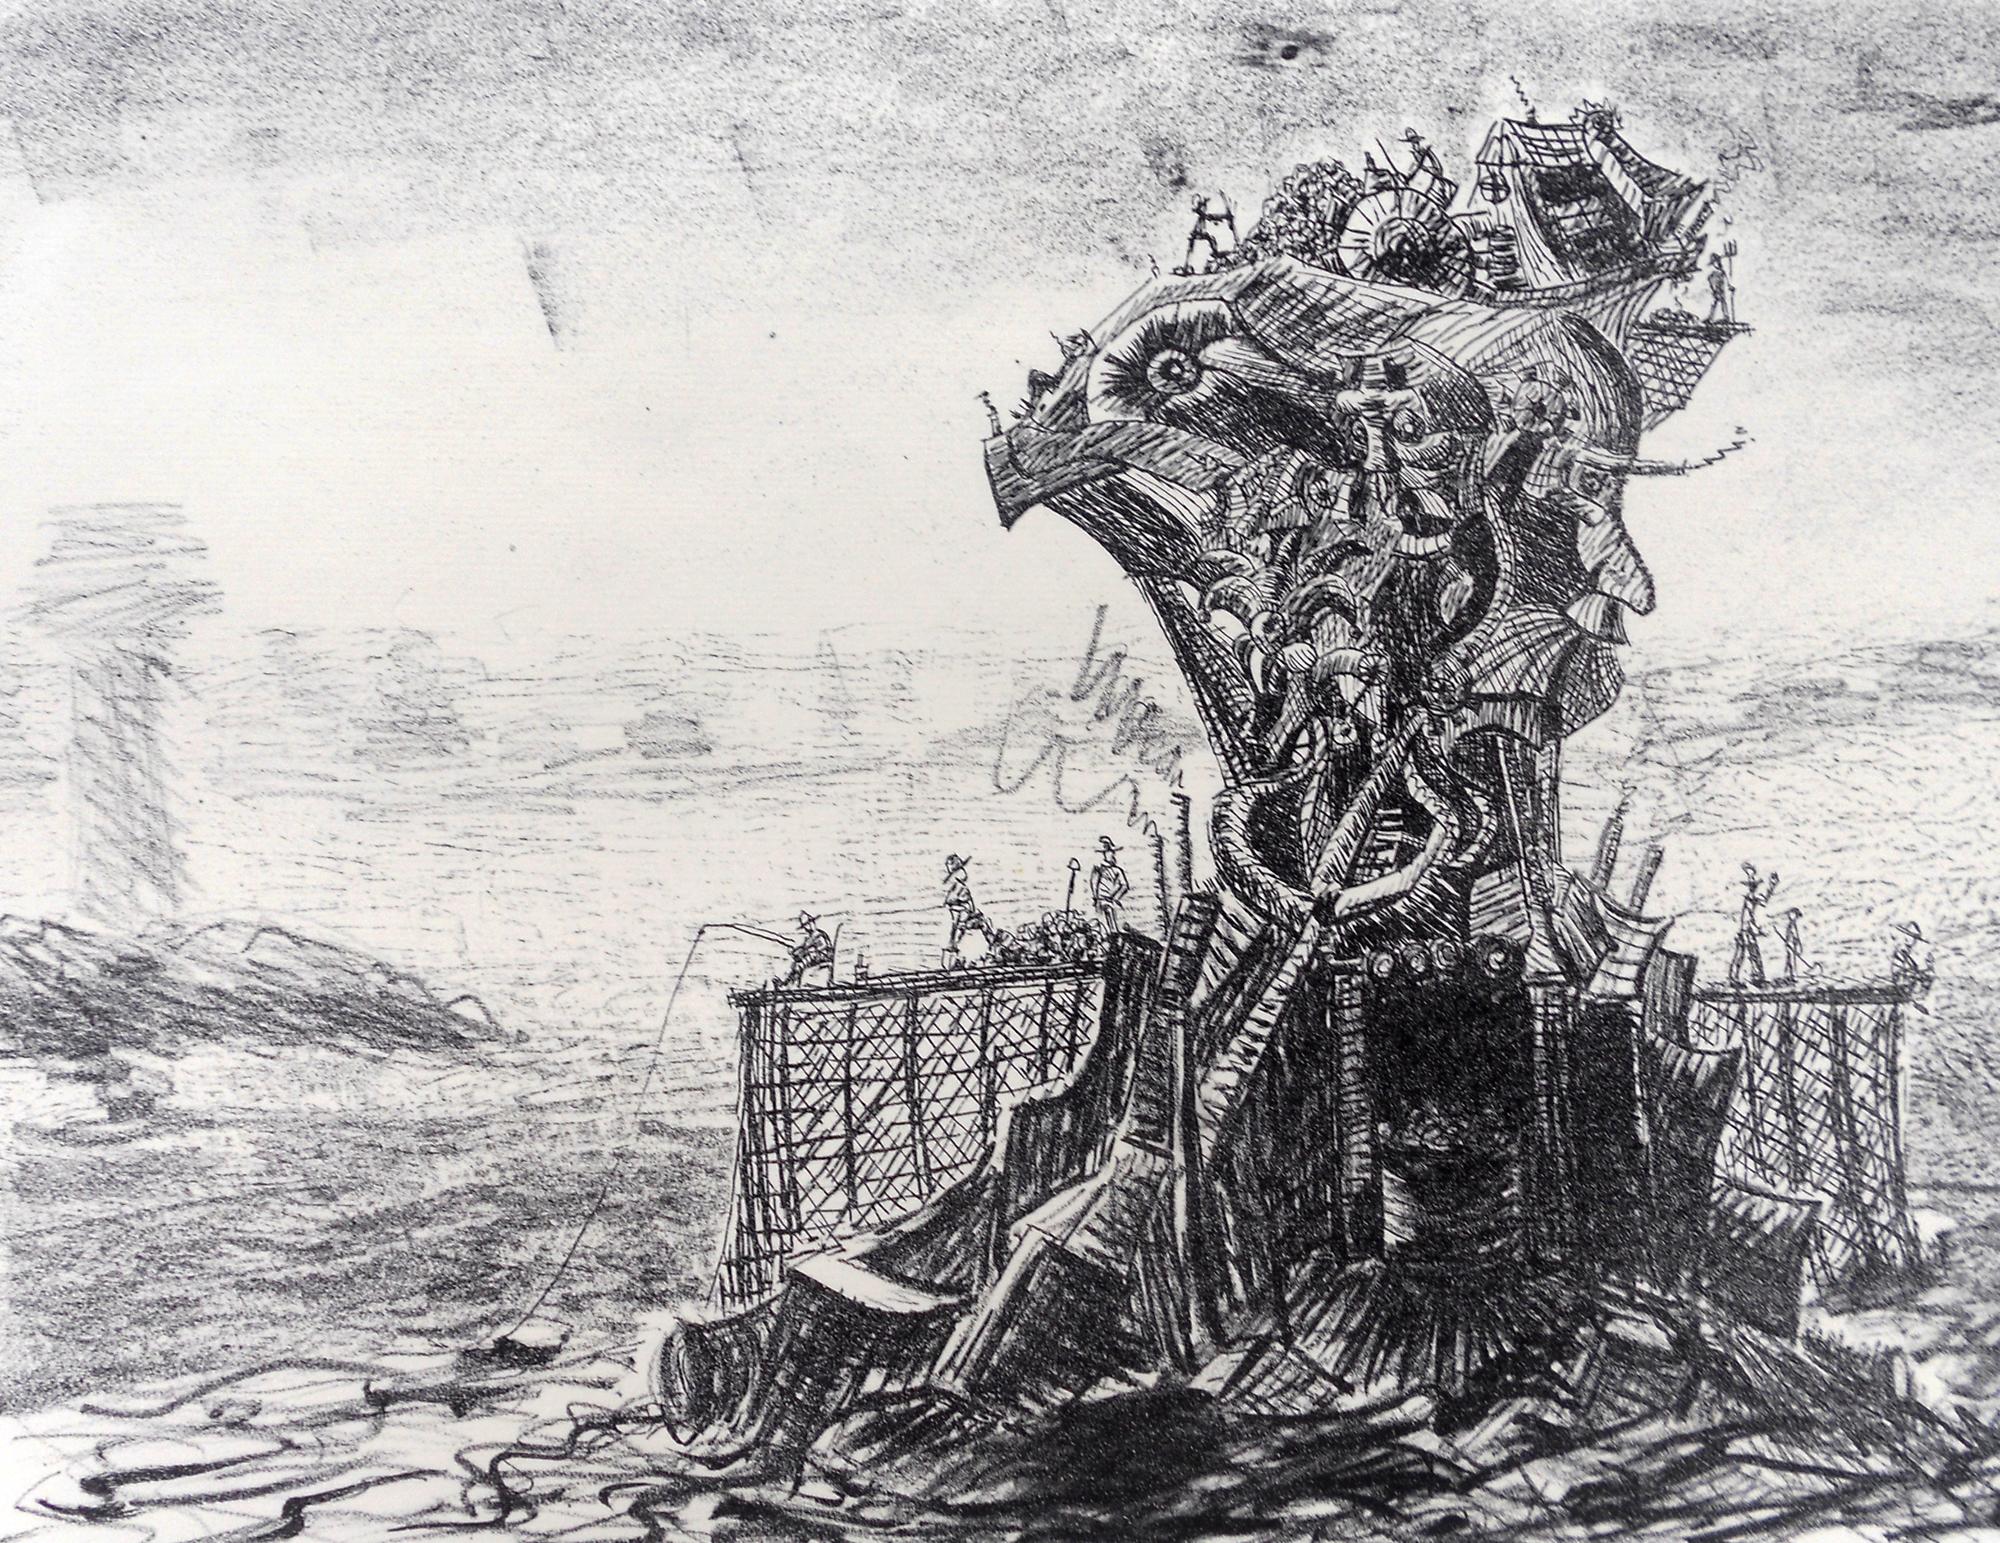 The Trash Sea